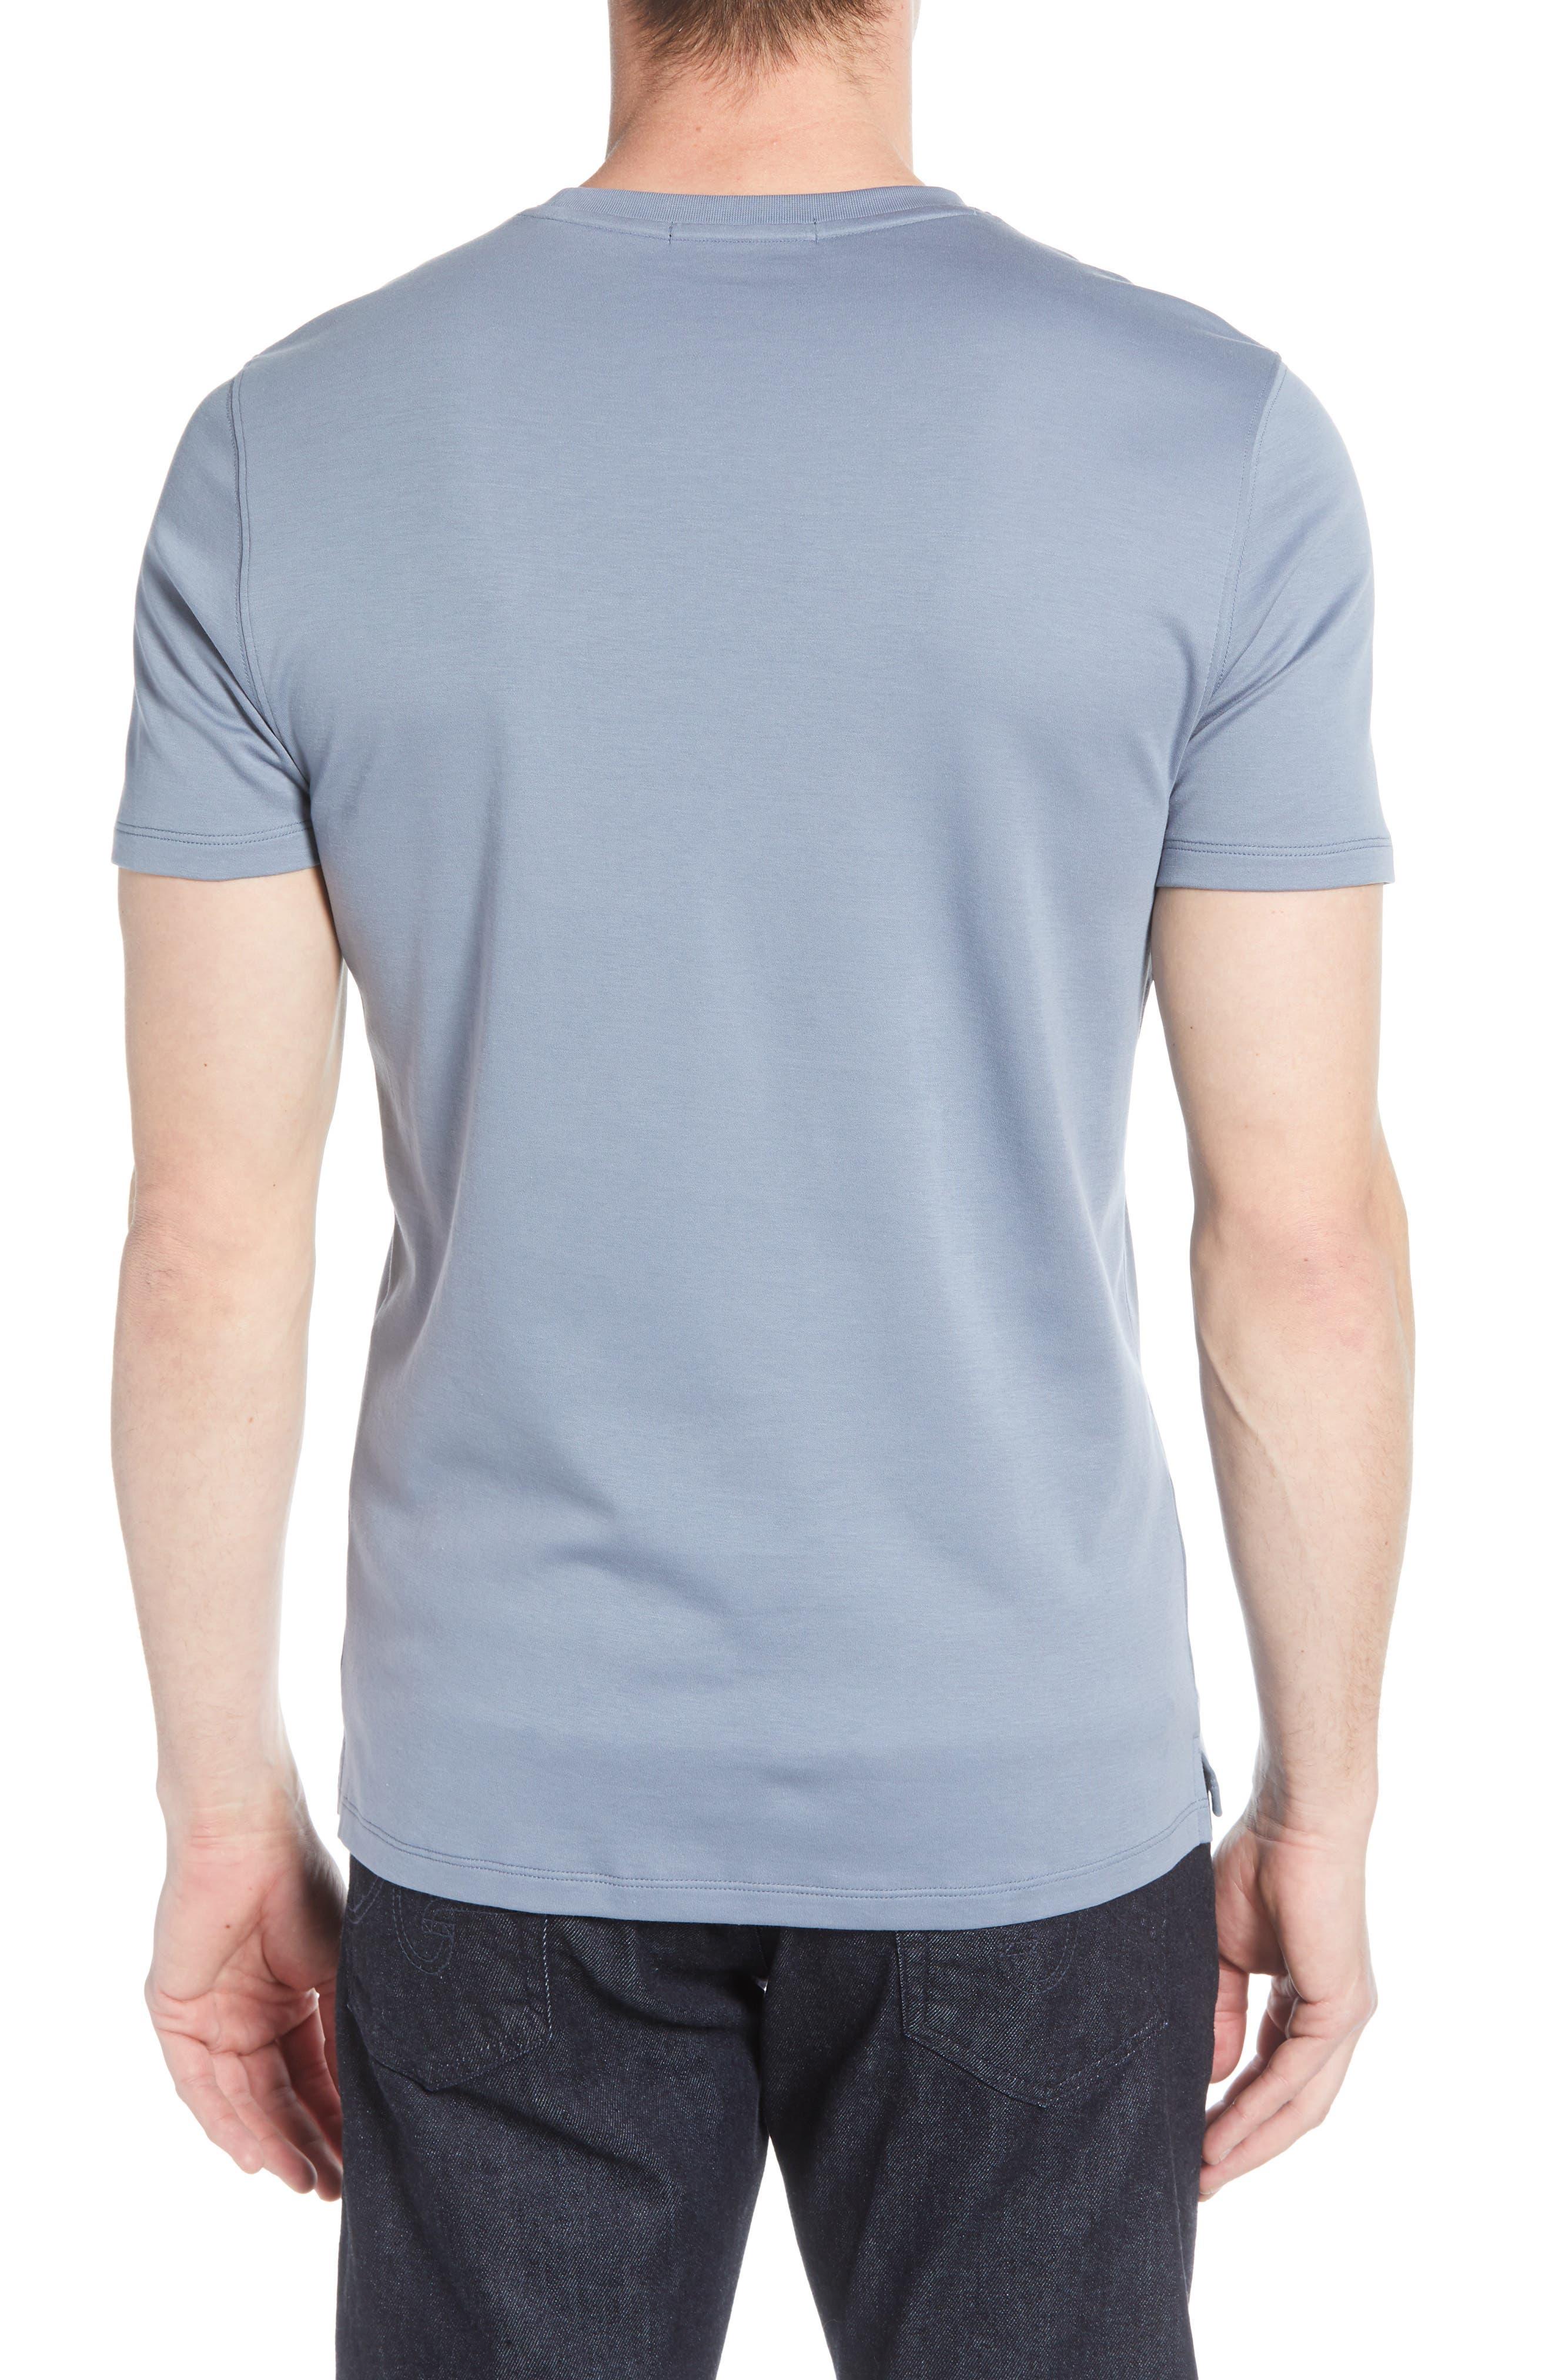 Men's ShirtsTank Graphic TeesNordstrom Topsamp; T 8wk0PnO